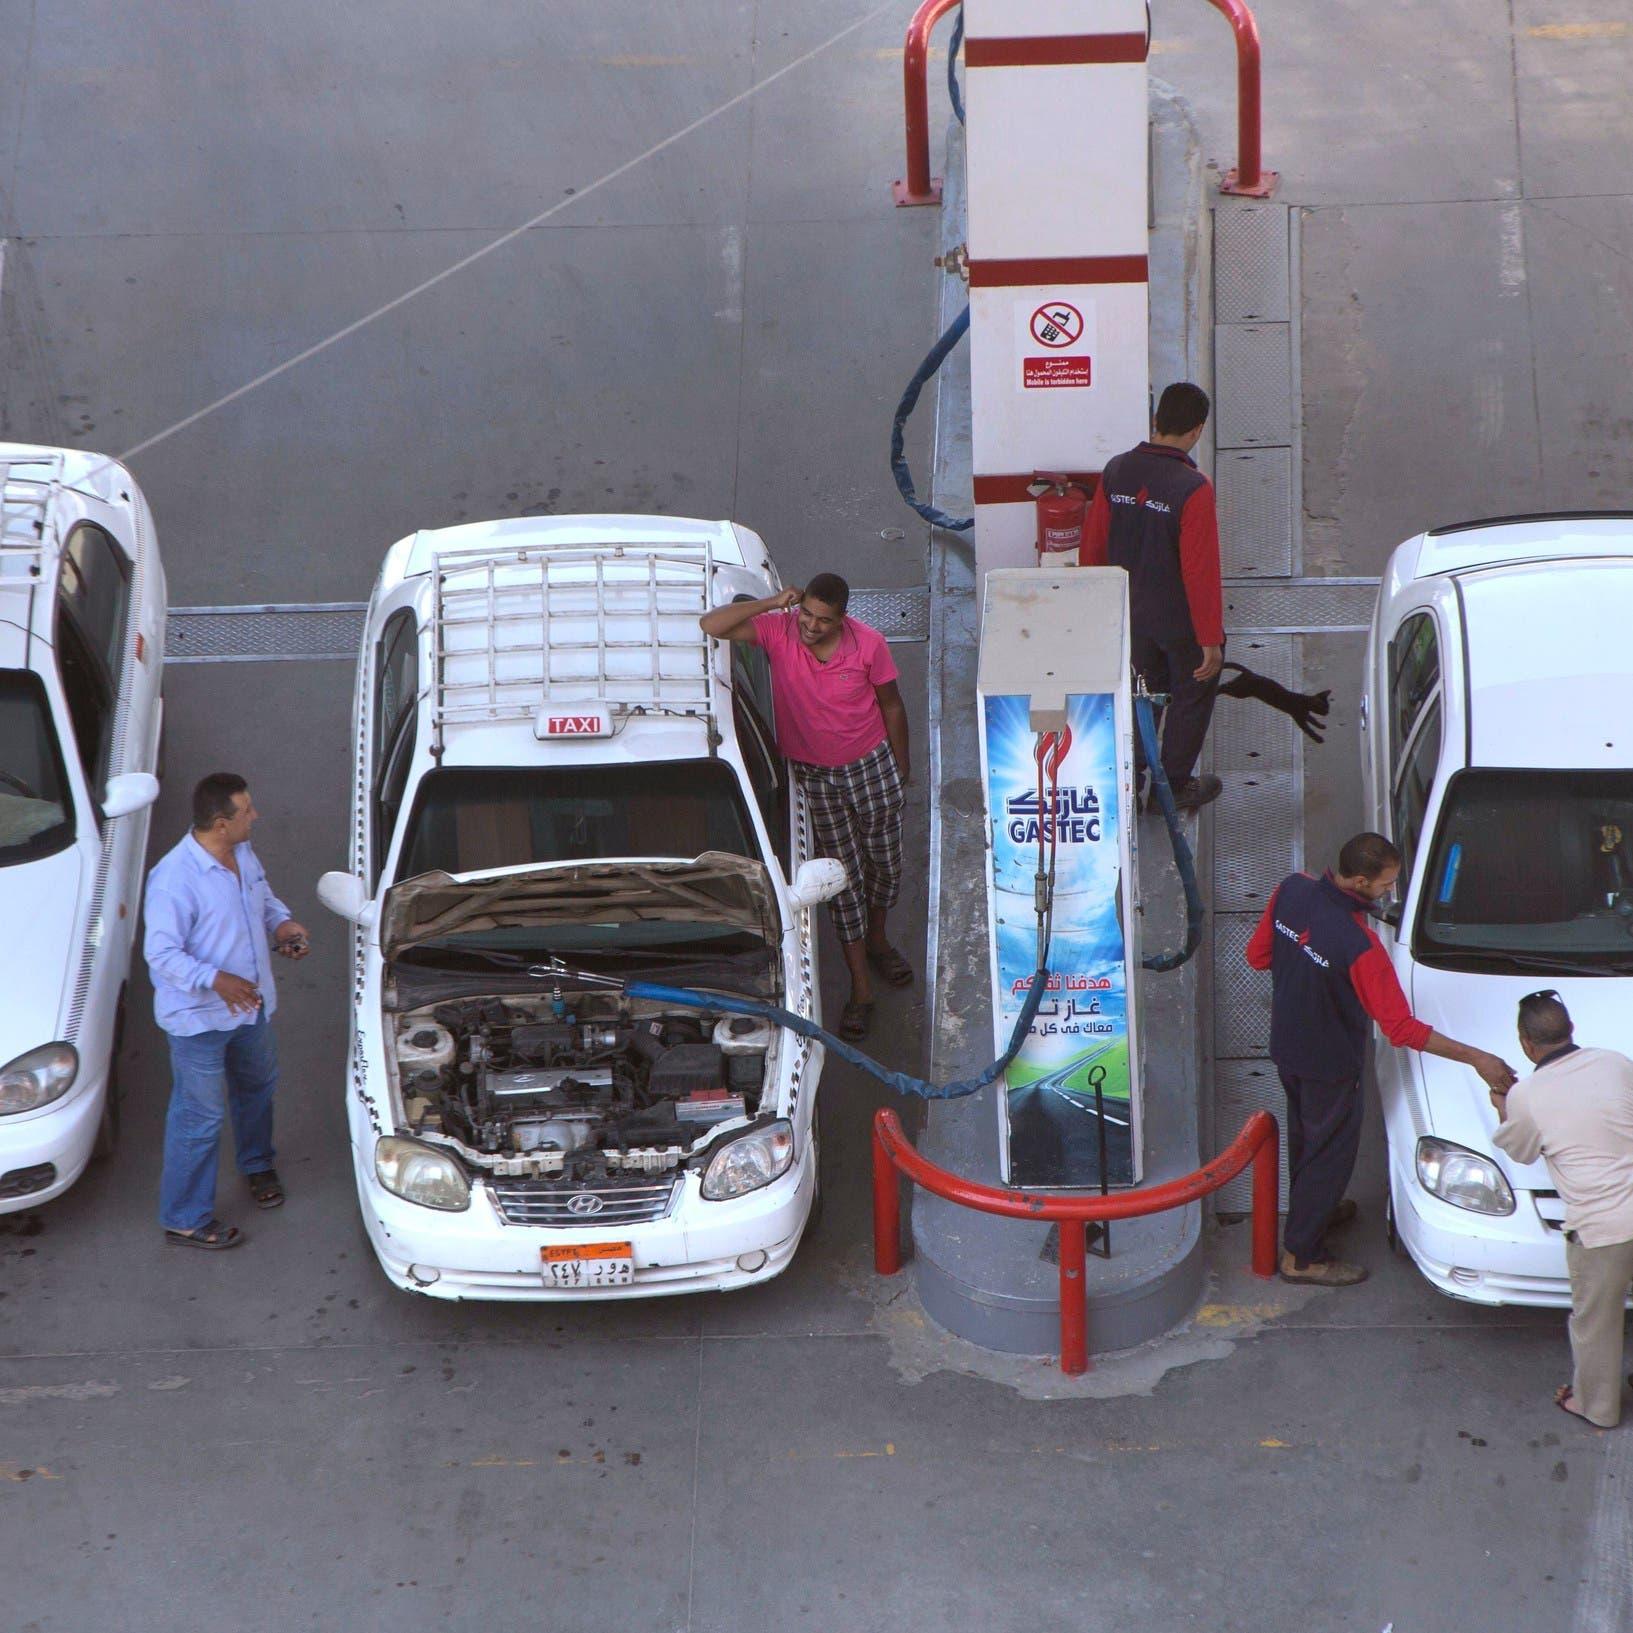 مصر ترفع أسعار البنزين اعتباراًمن اليوم